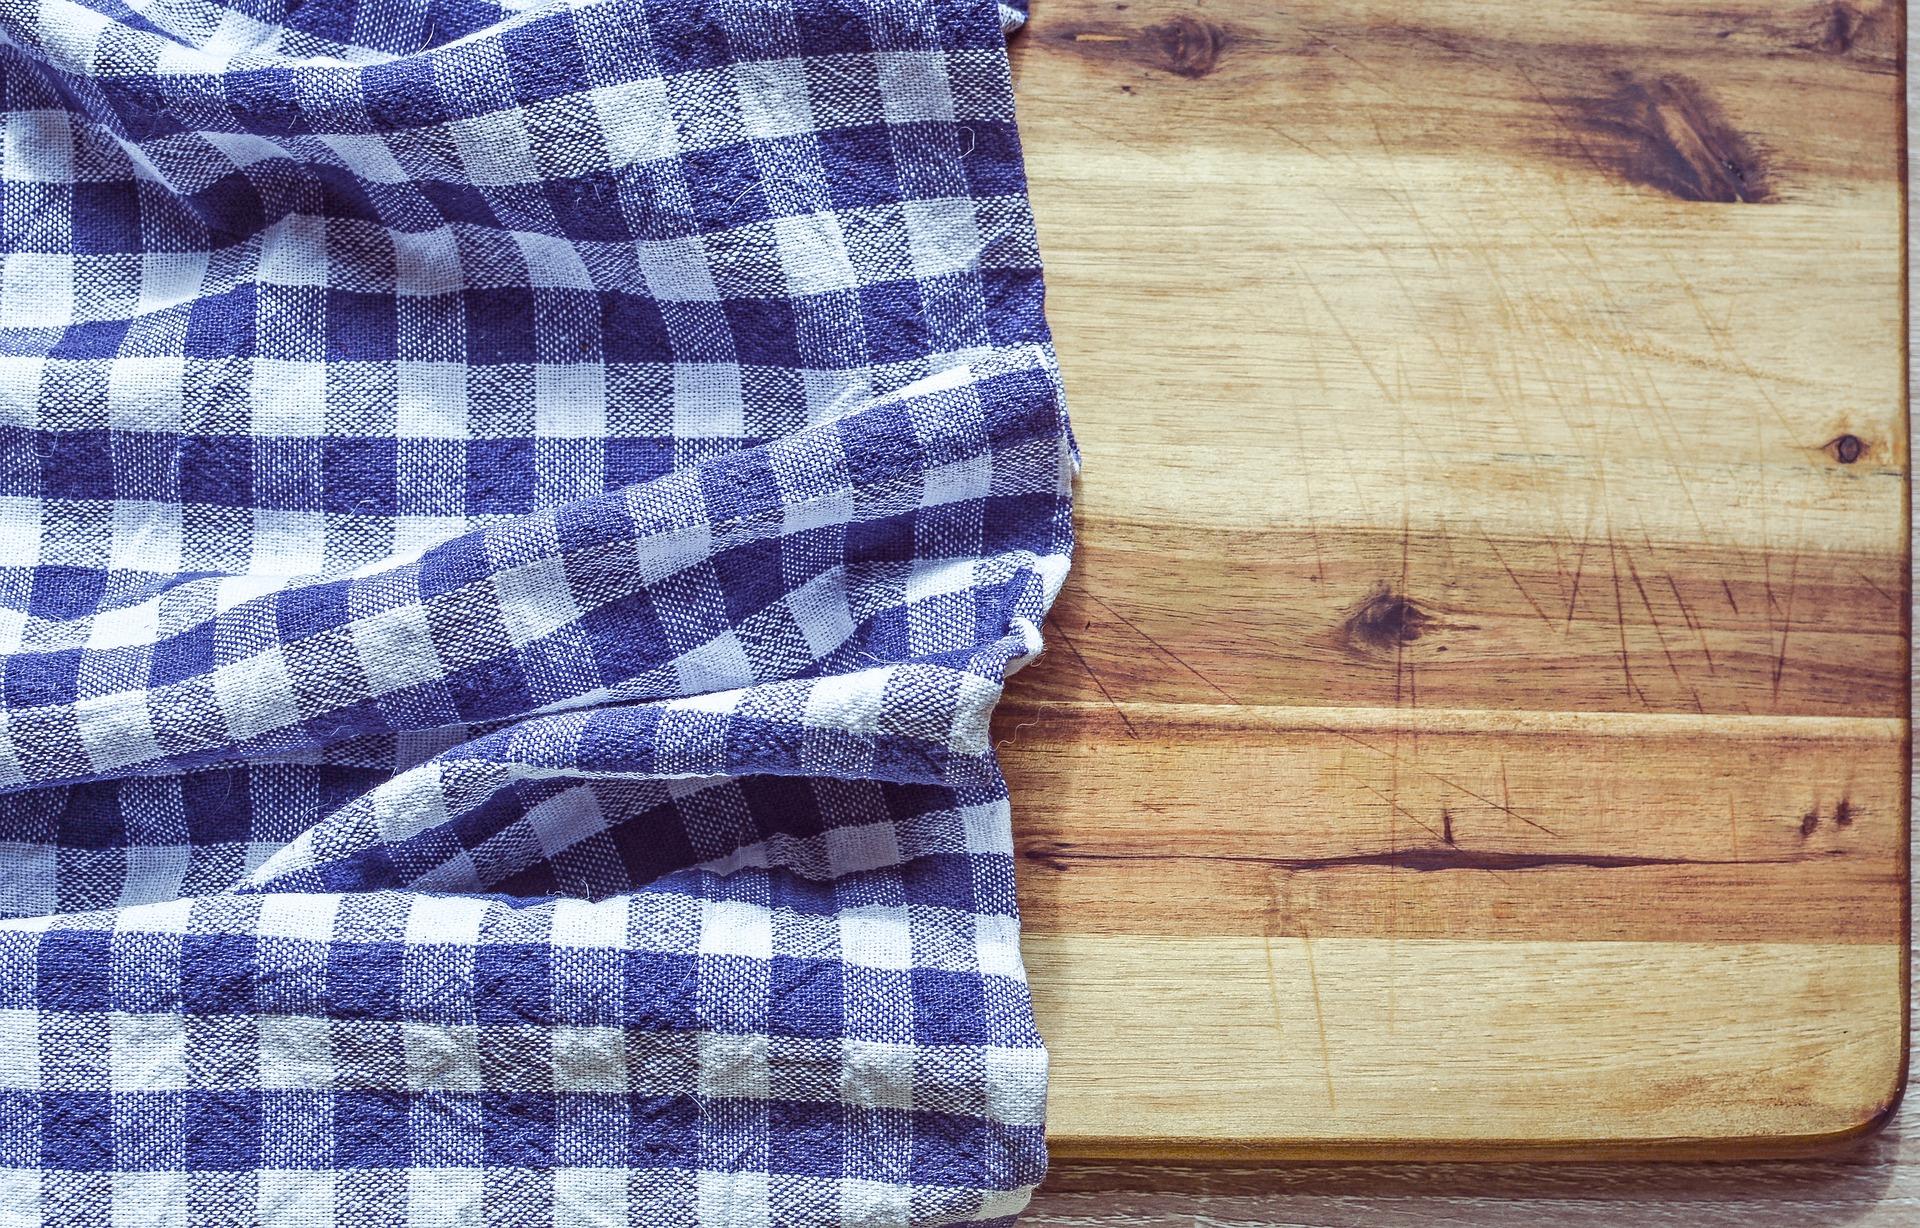 Come pulire le macchie di olio fresco dalla tovaglia di cotone colorata